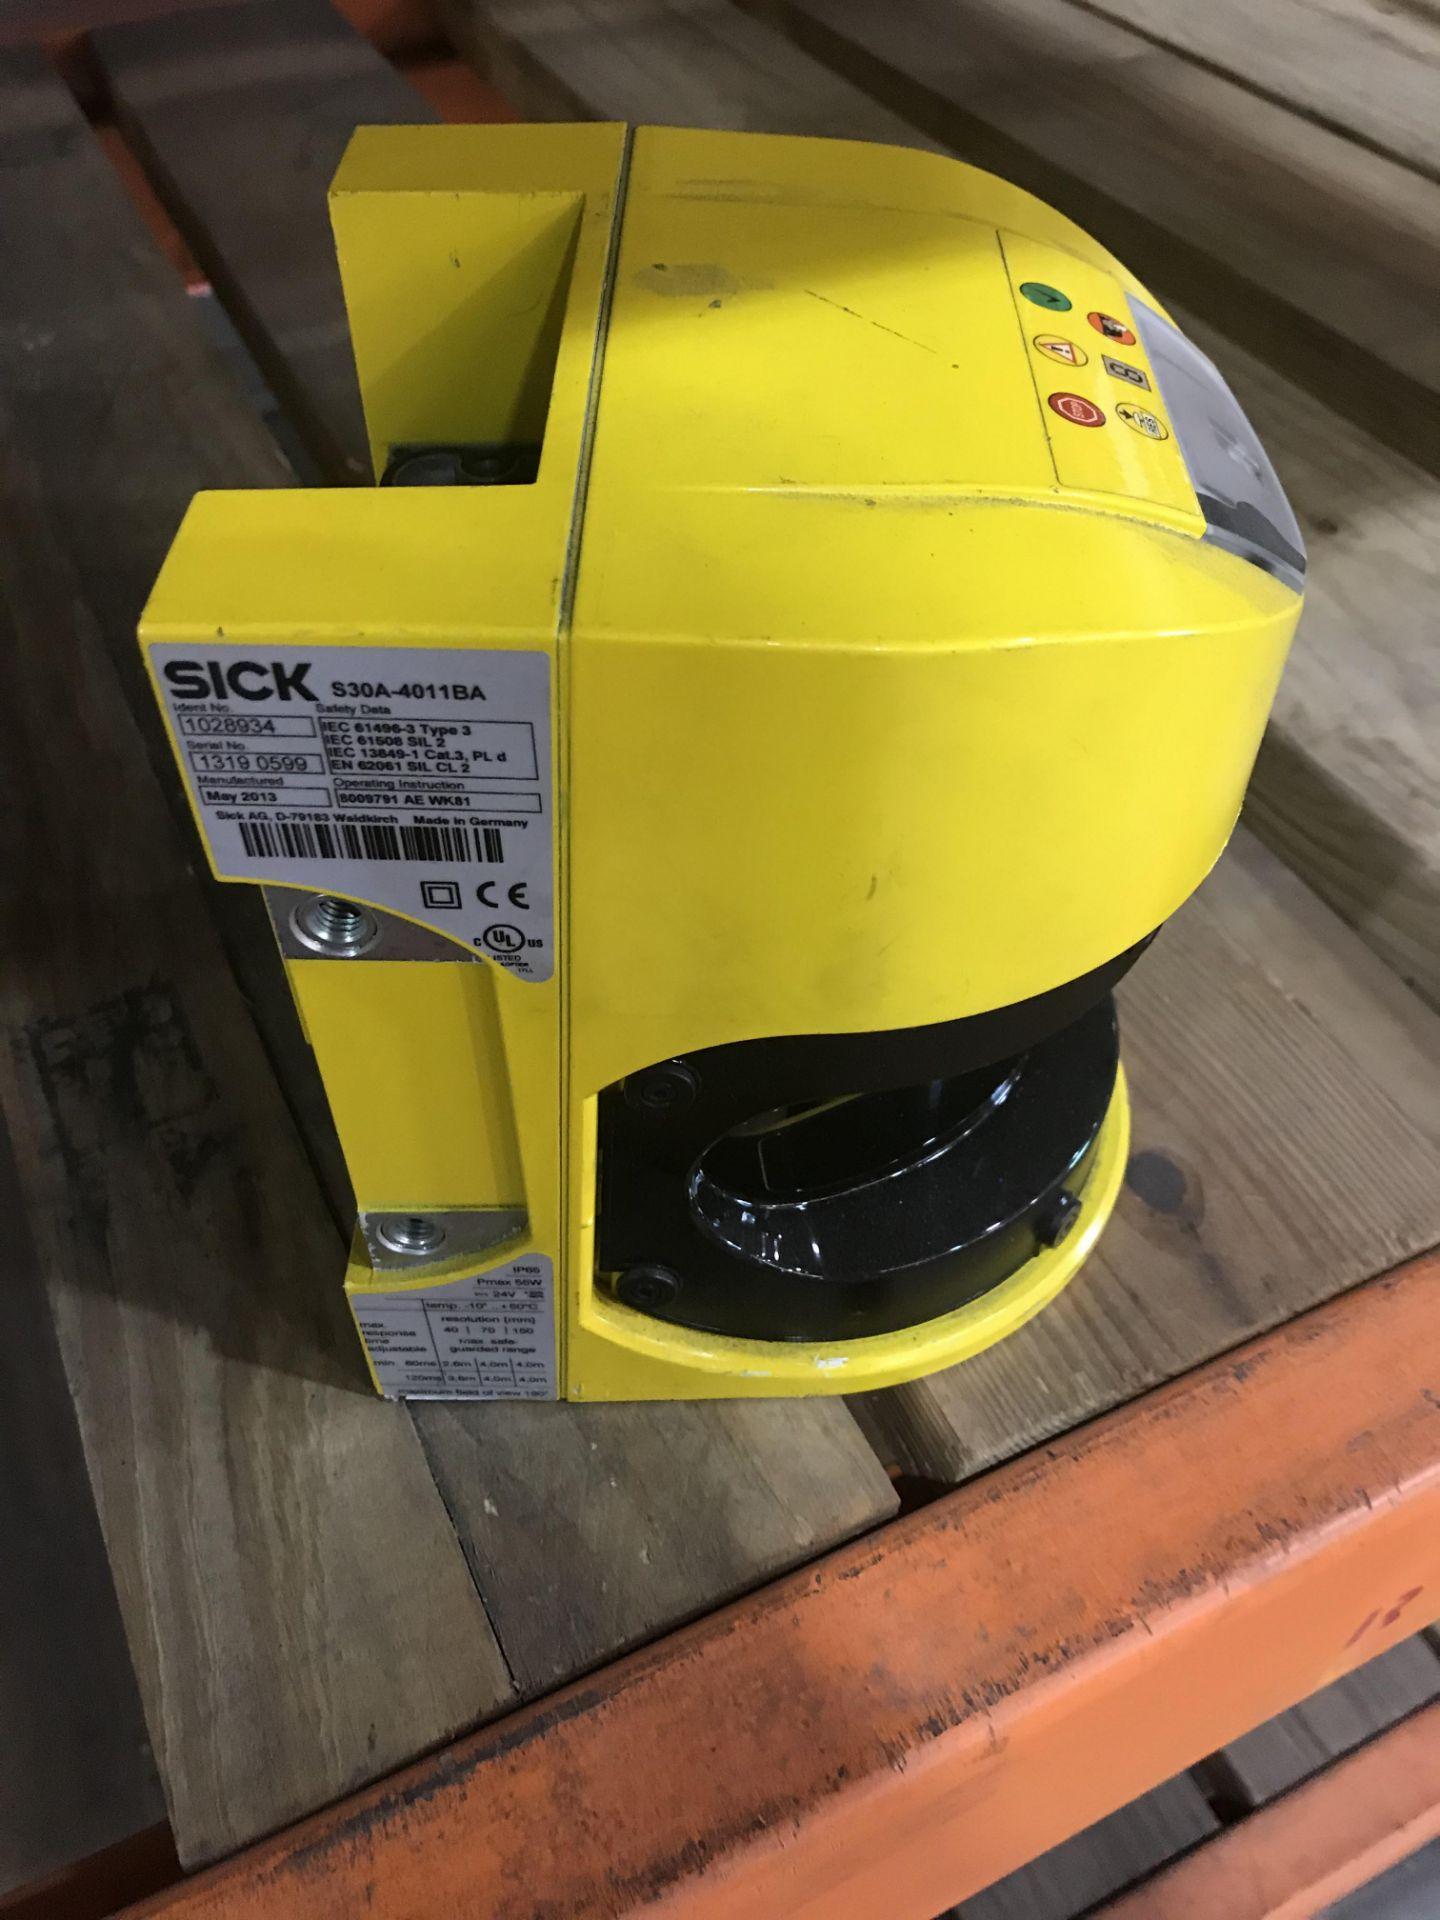 Lot 59 - Lot of 4 2013 SICK S30A-4011BA Laser Sensors